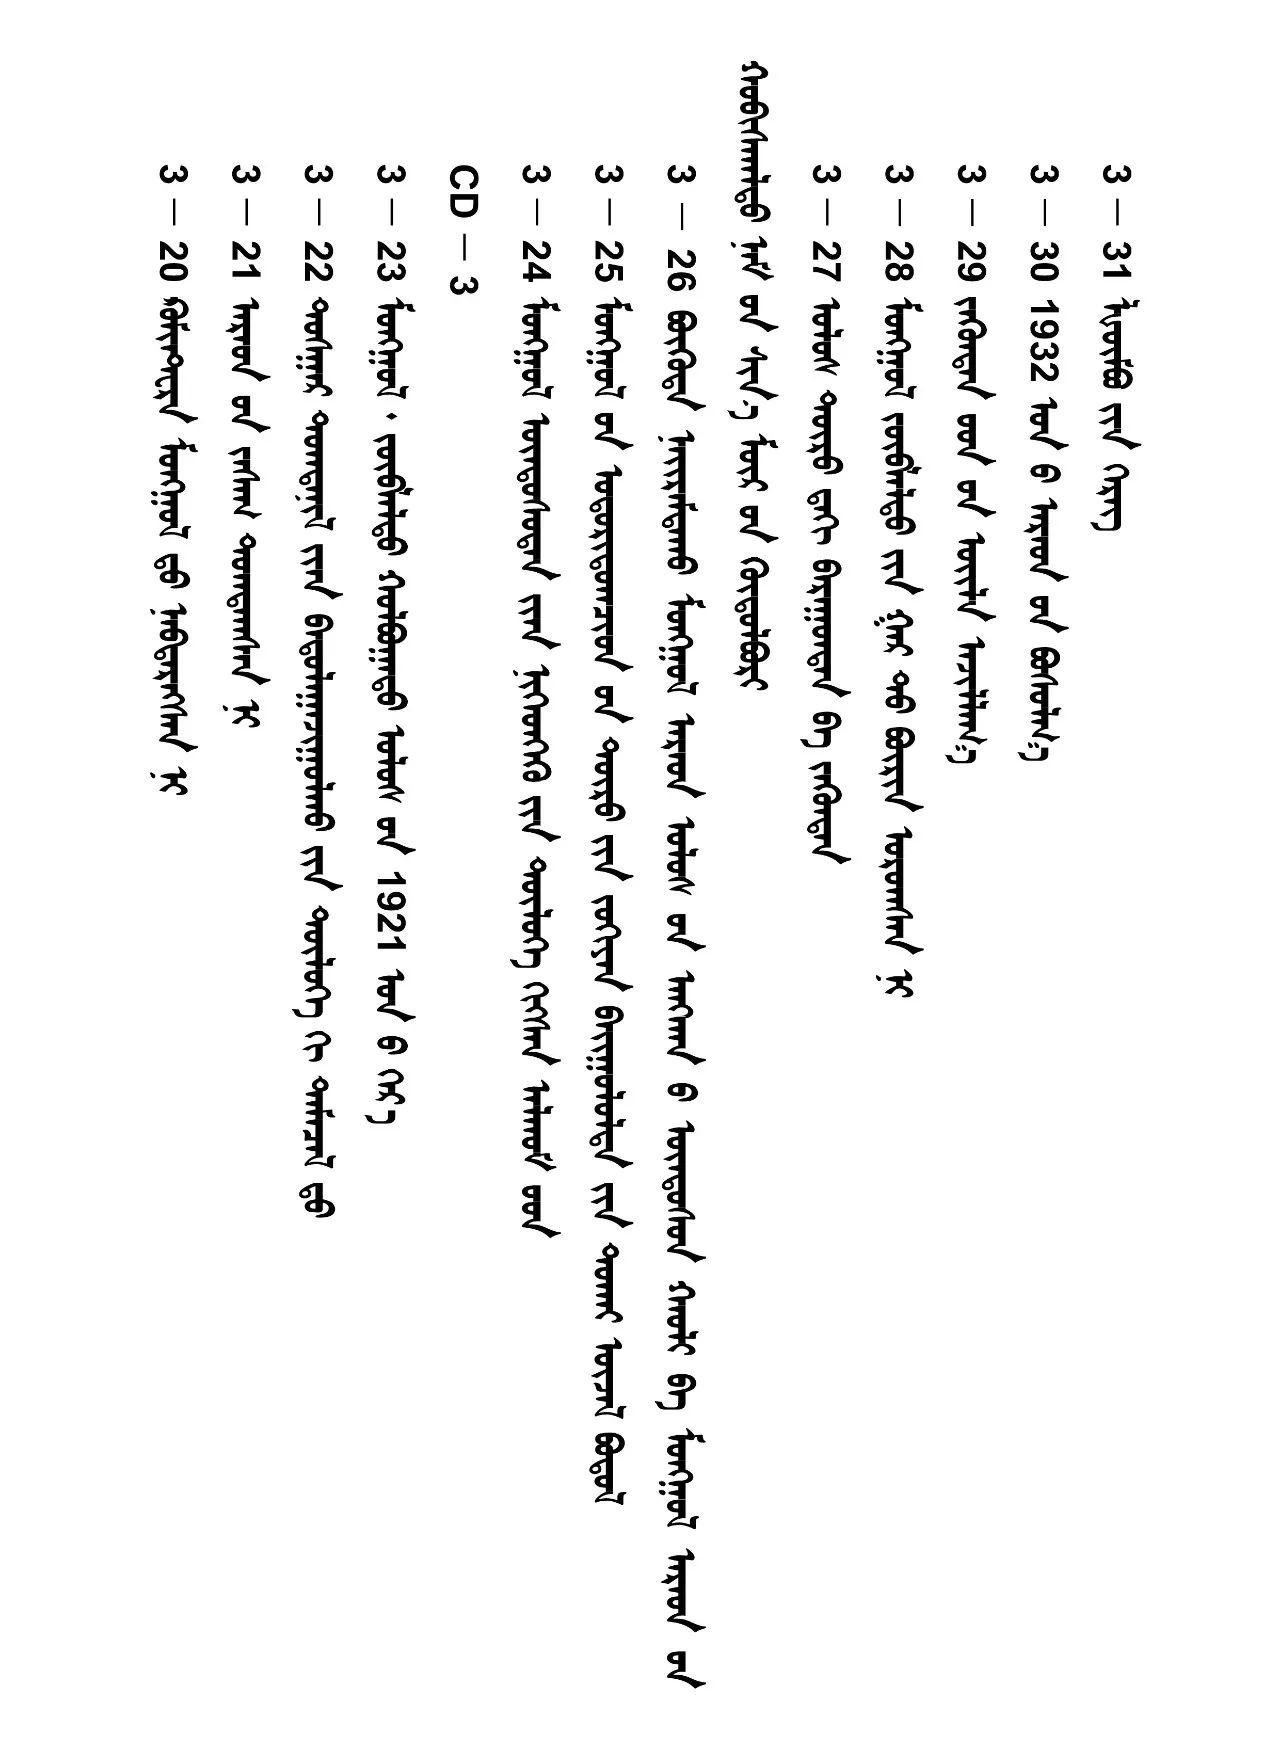 蒙古历史听书 1-0 前言 оршил 第6张 蒙古历史听书 1-0 前言 оршил 蒙古文化